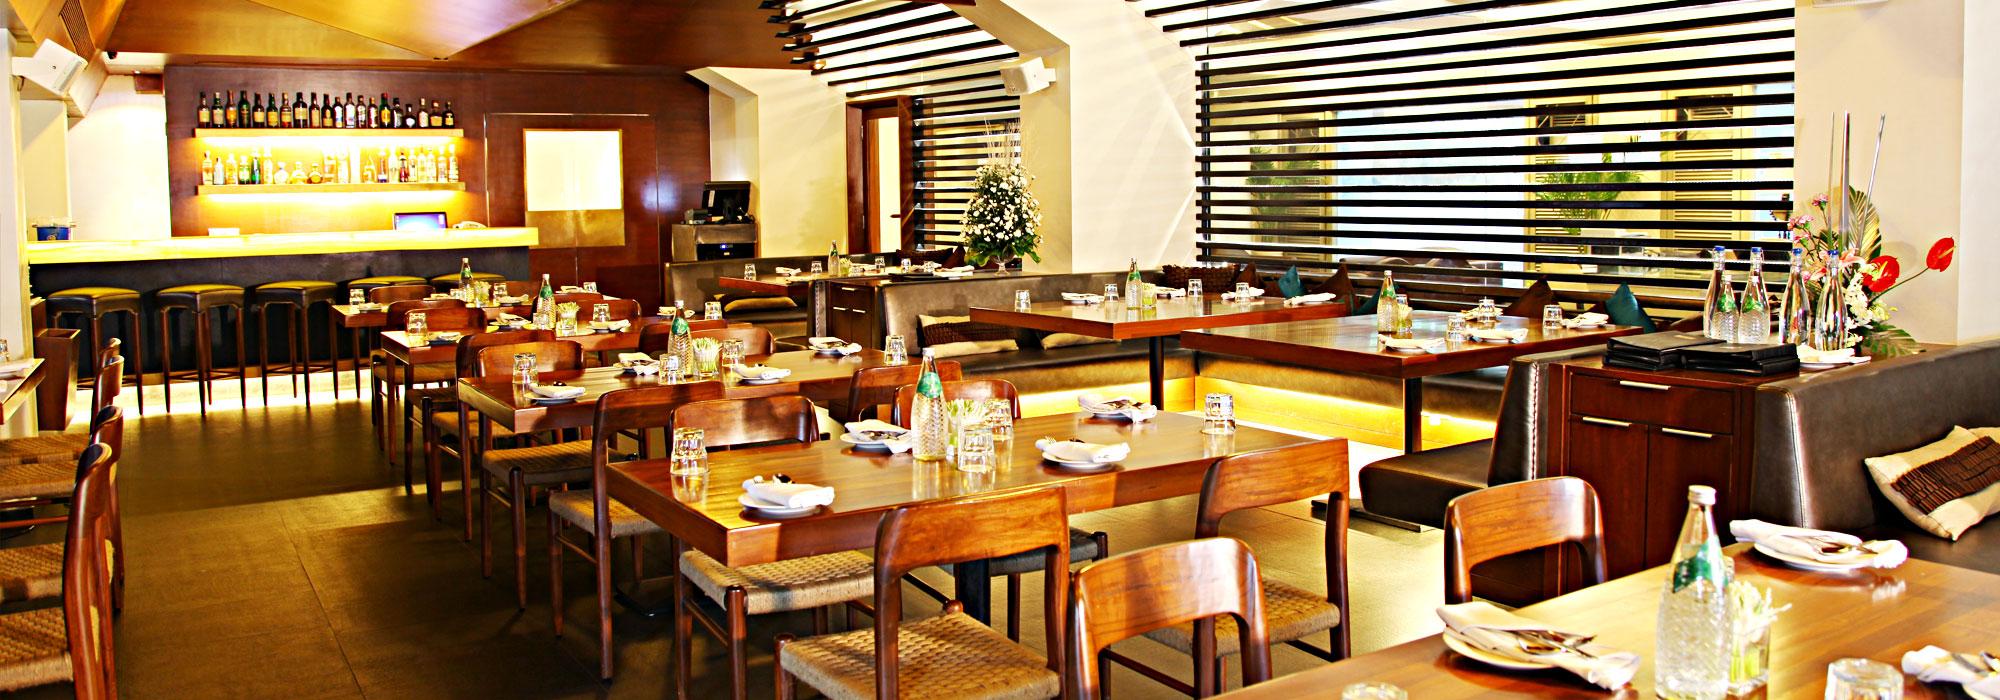 Hotel Royal Star Royal Garden Hotel Juhu Hotel Mumbai 4 Star Hotel In Juhu Beach